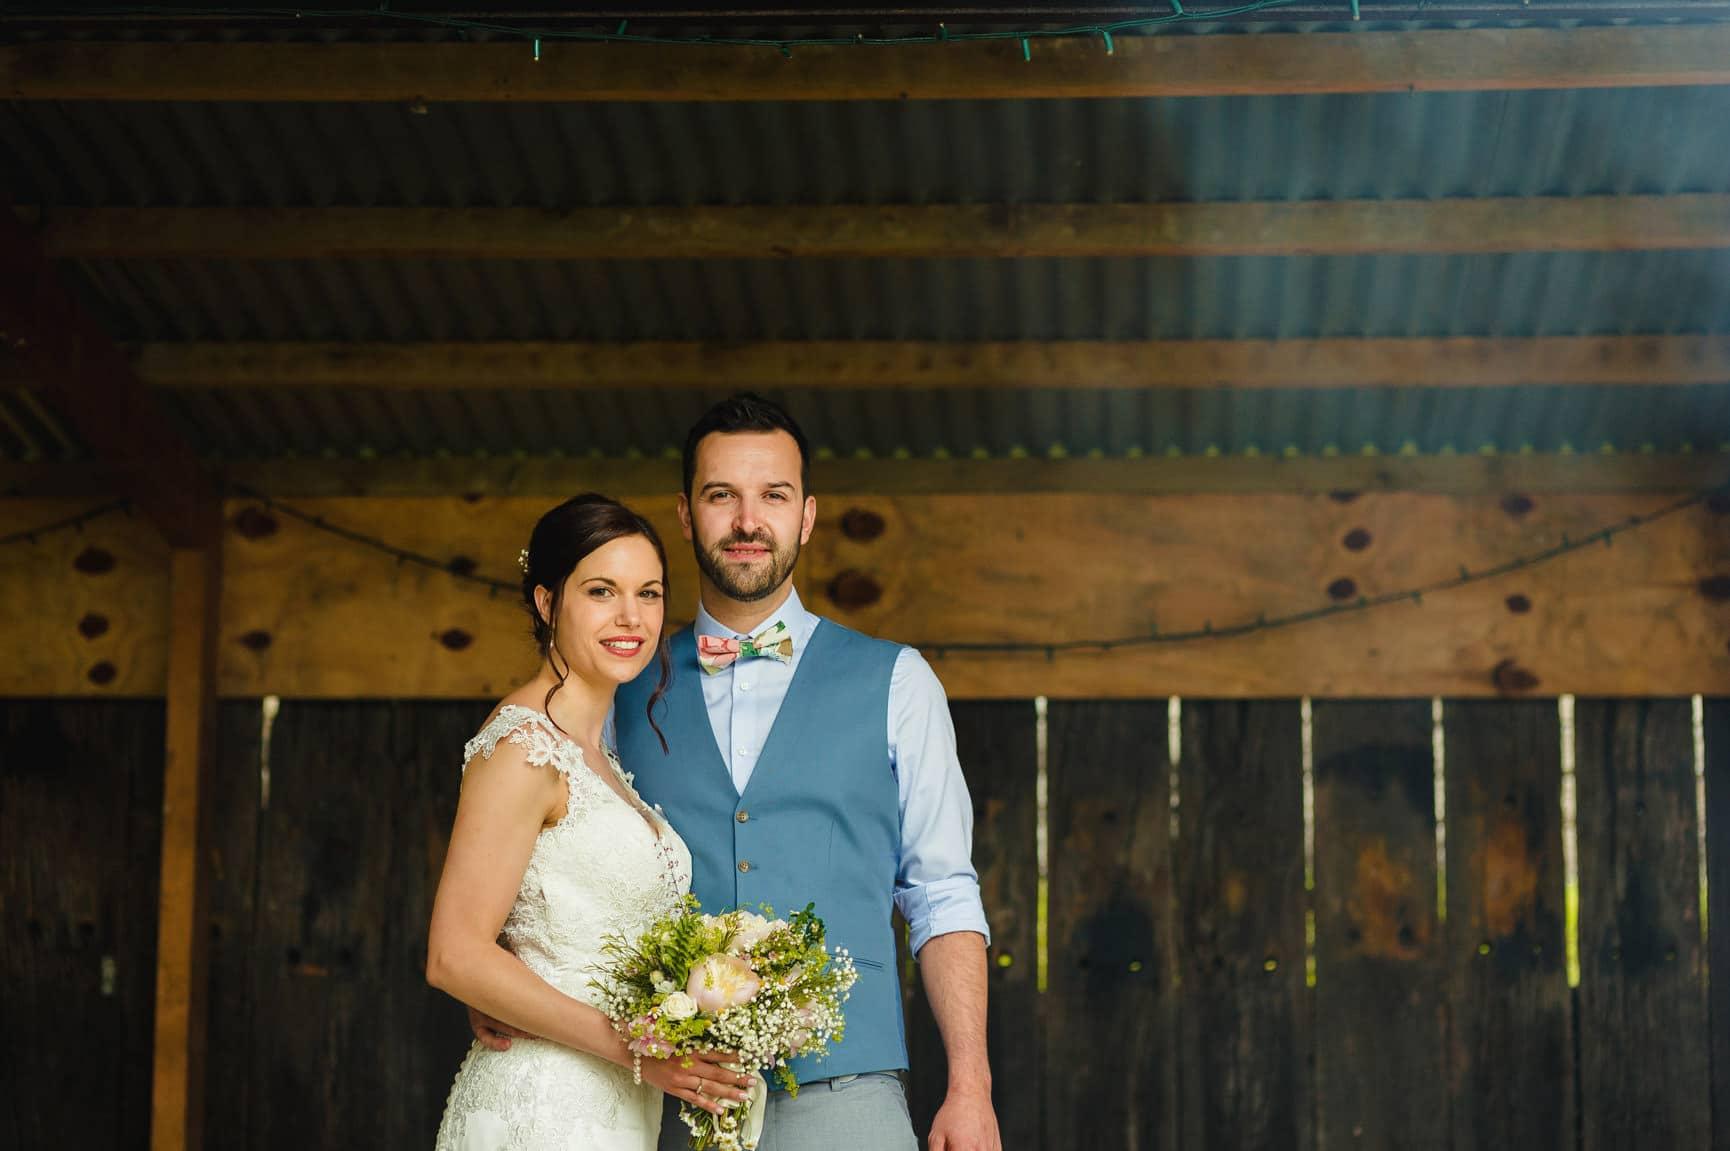 Fforest Wedding, Cardigan, Wales - Lauren and Gareth 189